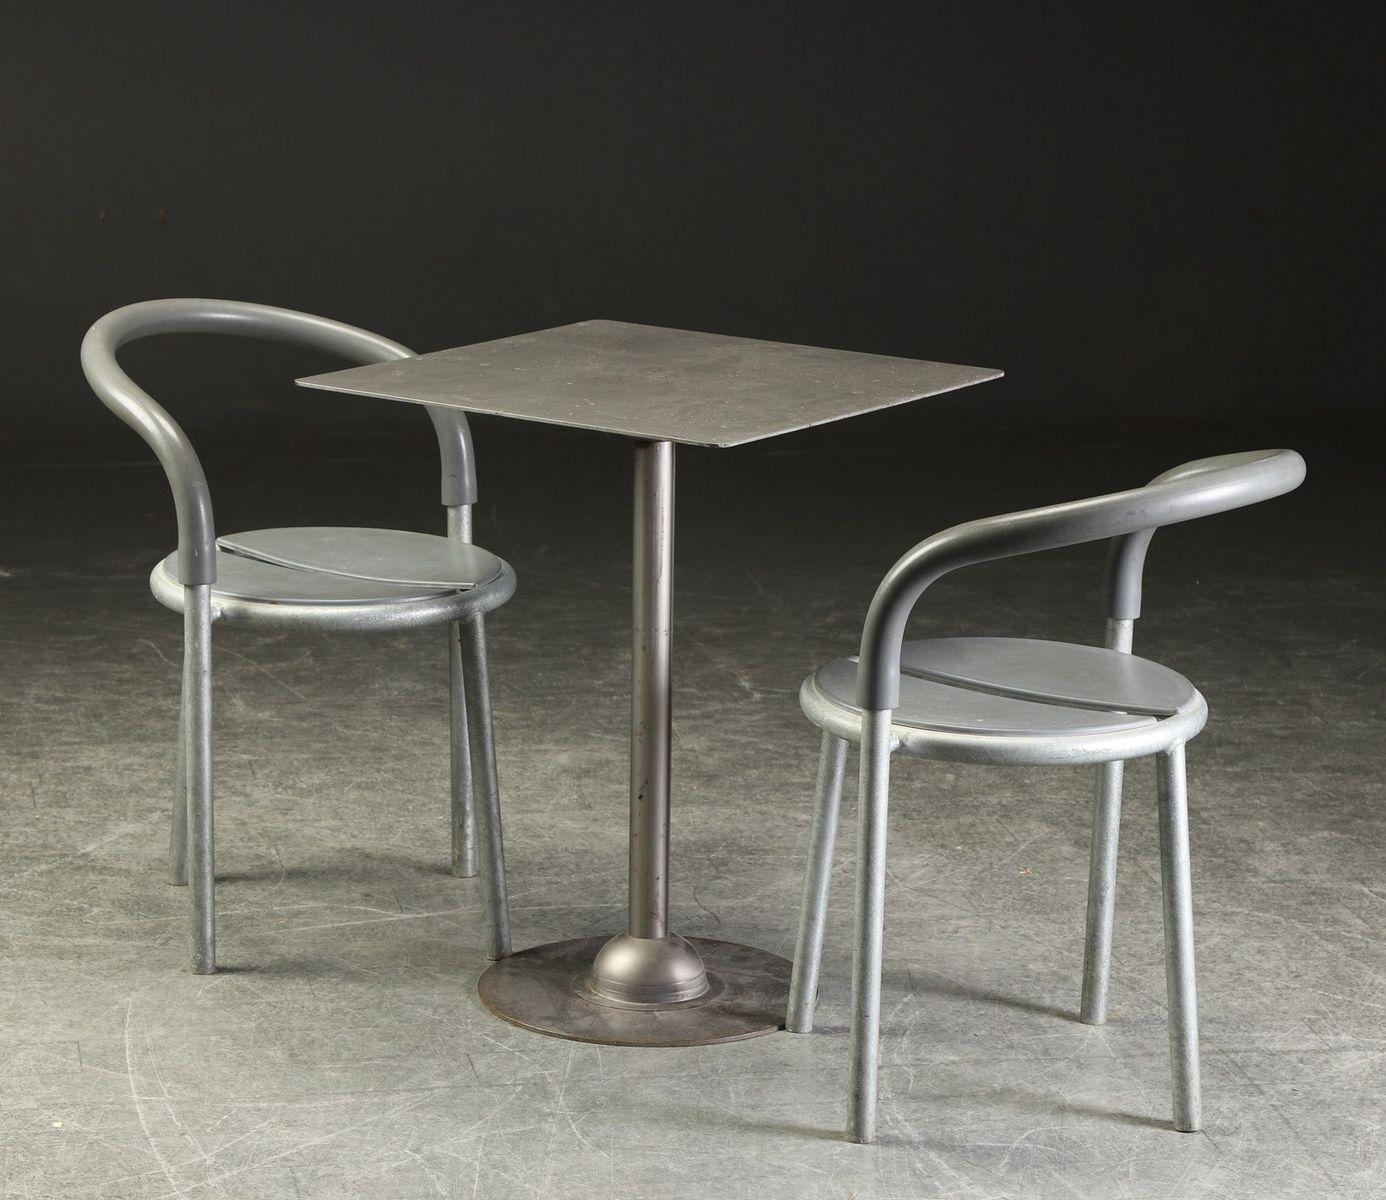 vintage metall tisch 2 st hle von niels gammelgaard lars mathiesen bei pamono kaufen. Black Bedroom Furniture Sets. Home Design Ideas